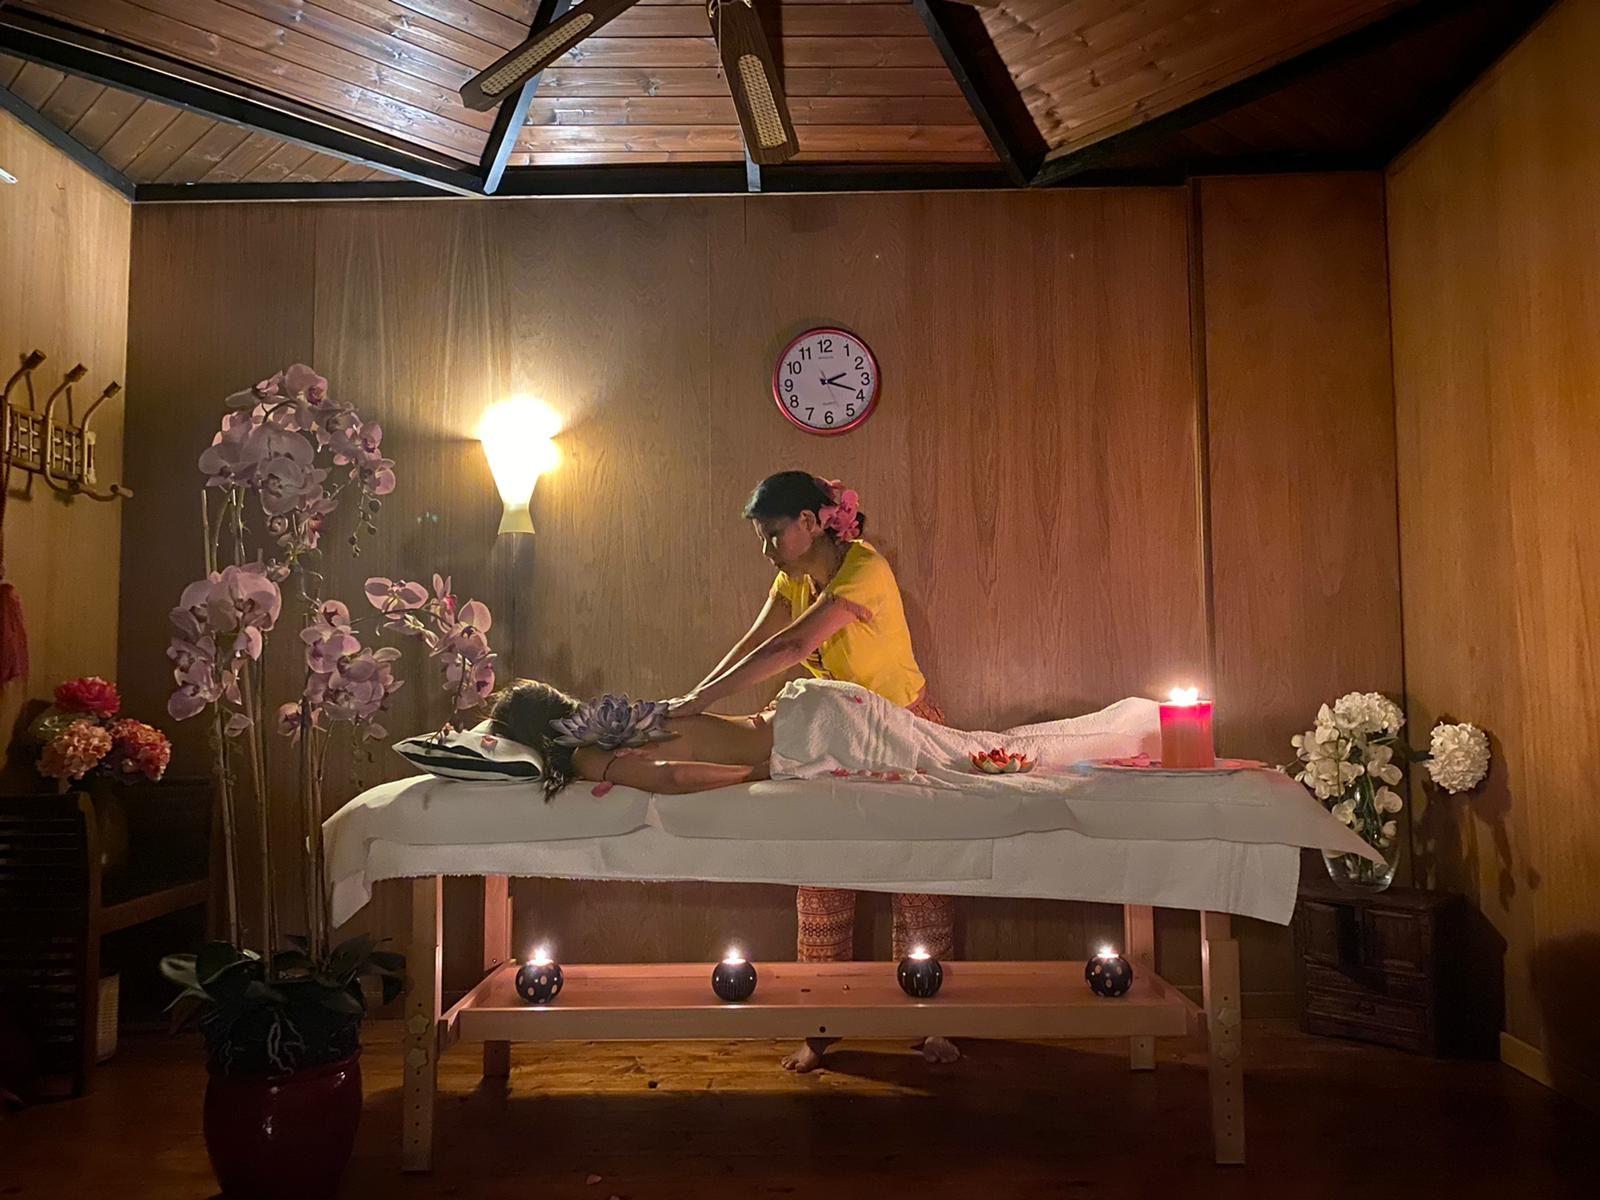 baan thai massaggi roma